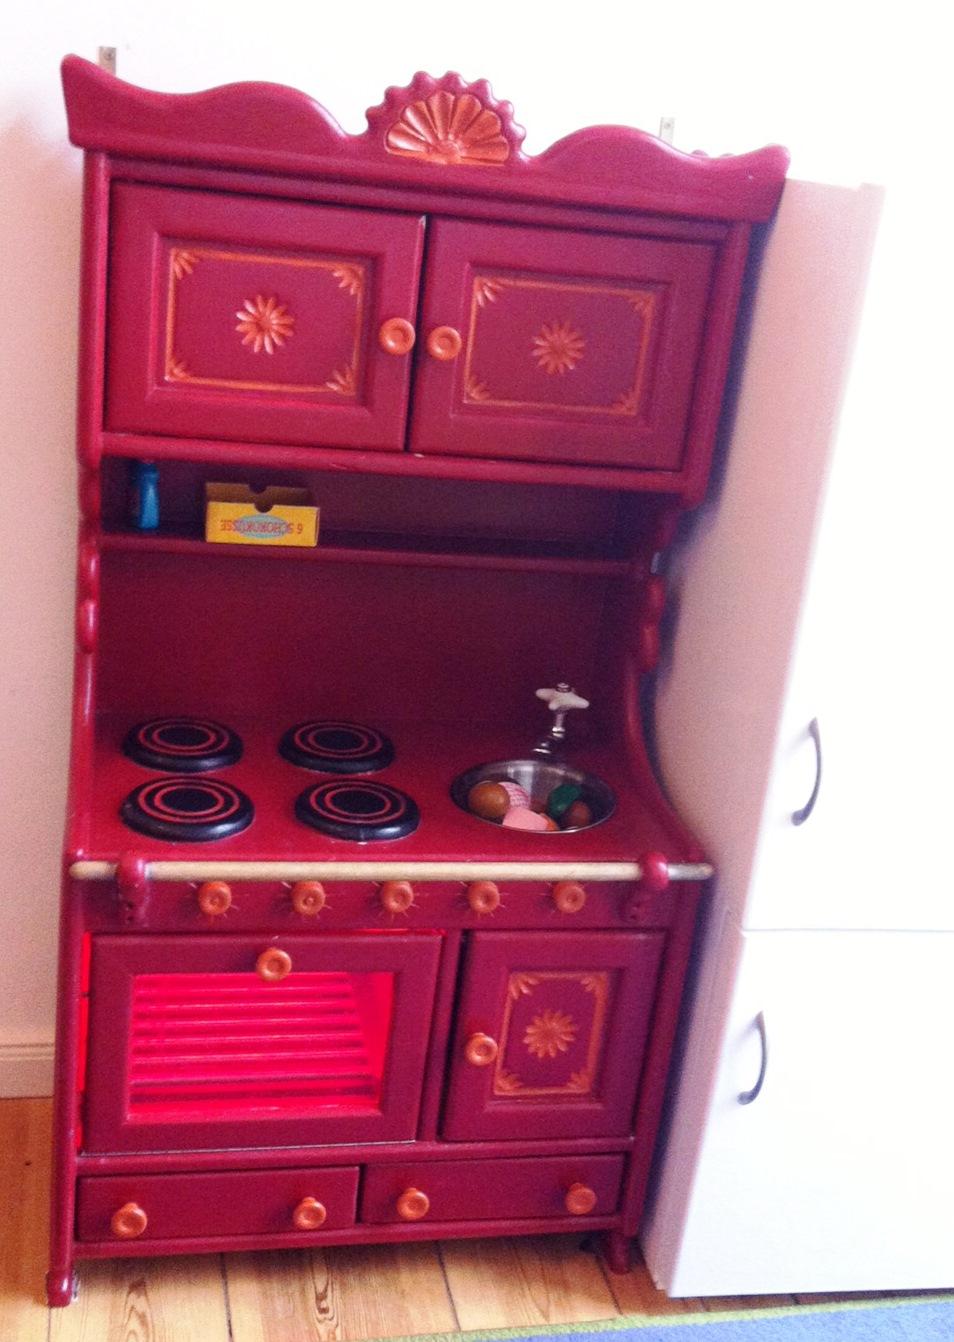 jako o k che holz ikea k che name wasserhahn anschlie en anleitung weiss boden grau keramik. Black Bedroom Furniture Sets. Home Design Ideas